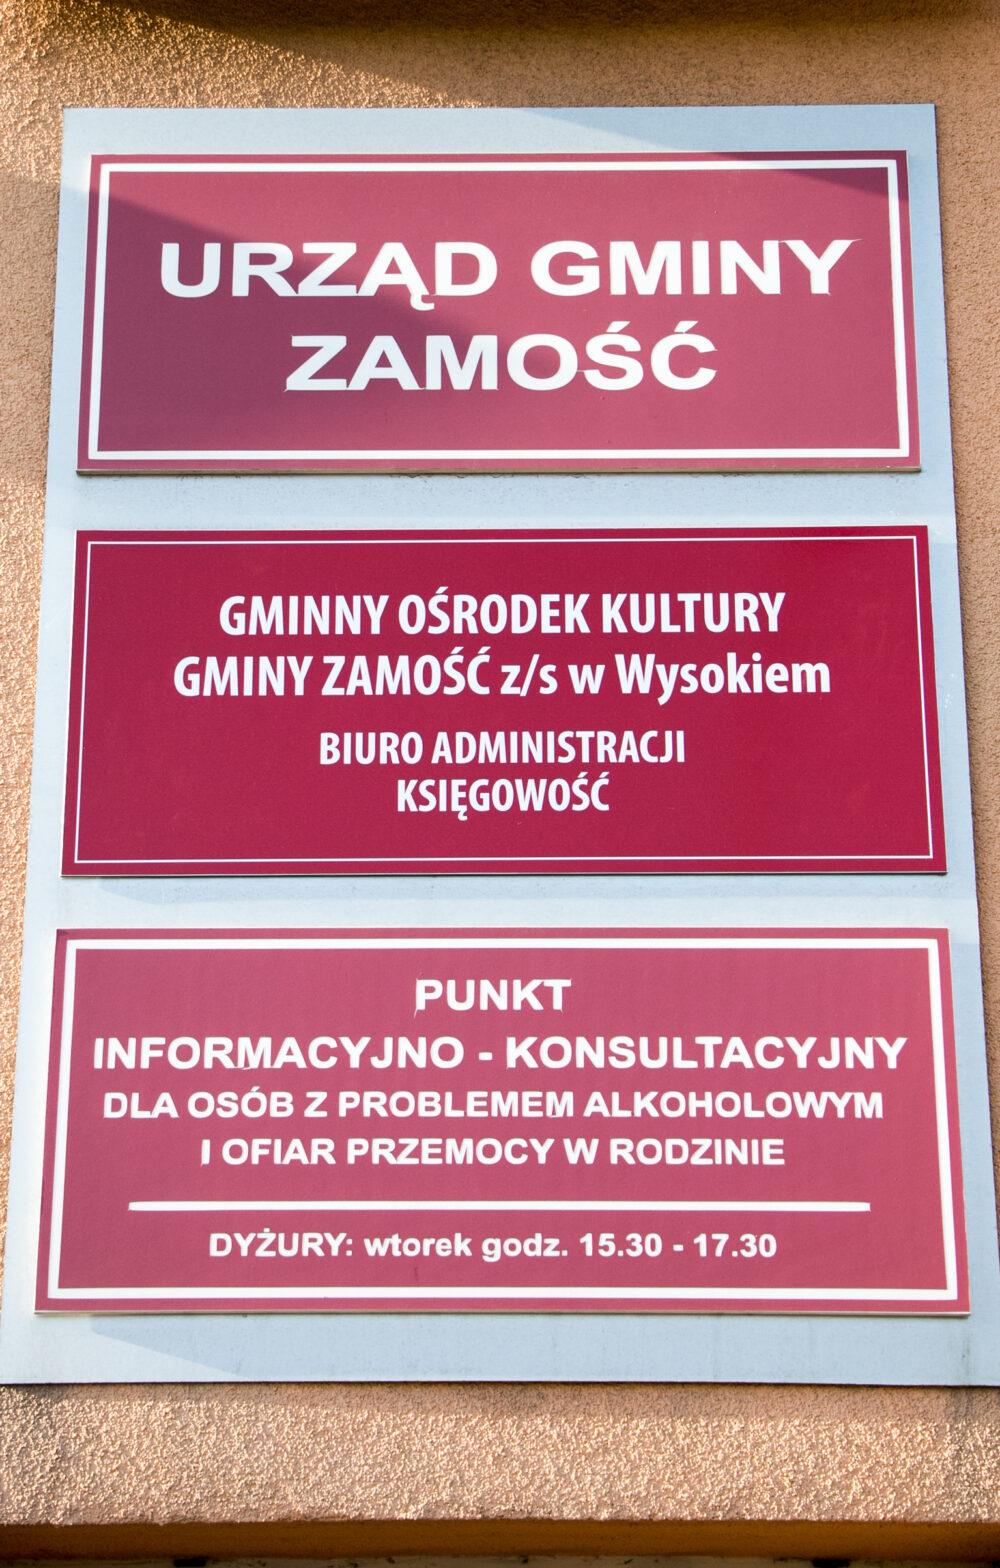 Urząd Gminy Zamość  zamknięty dla interesantów od 21.10.2020 r.